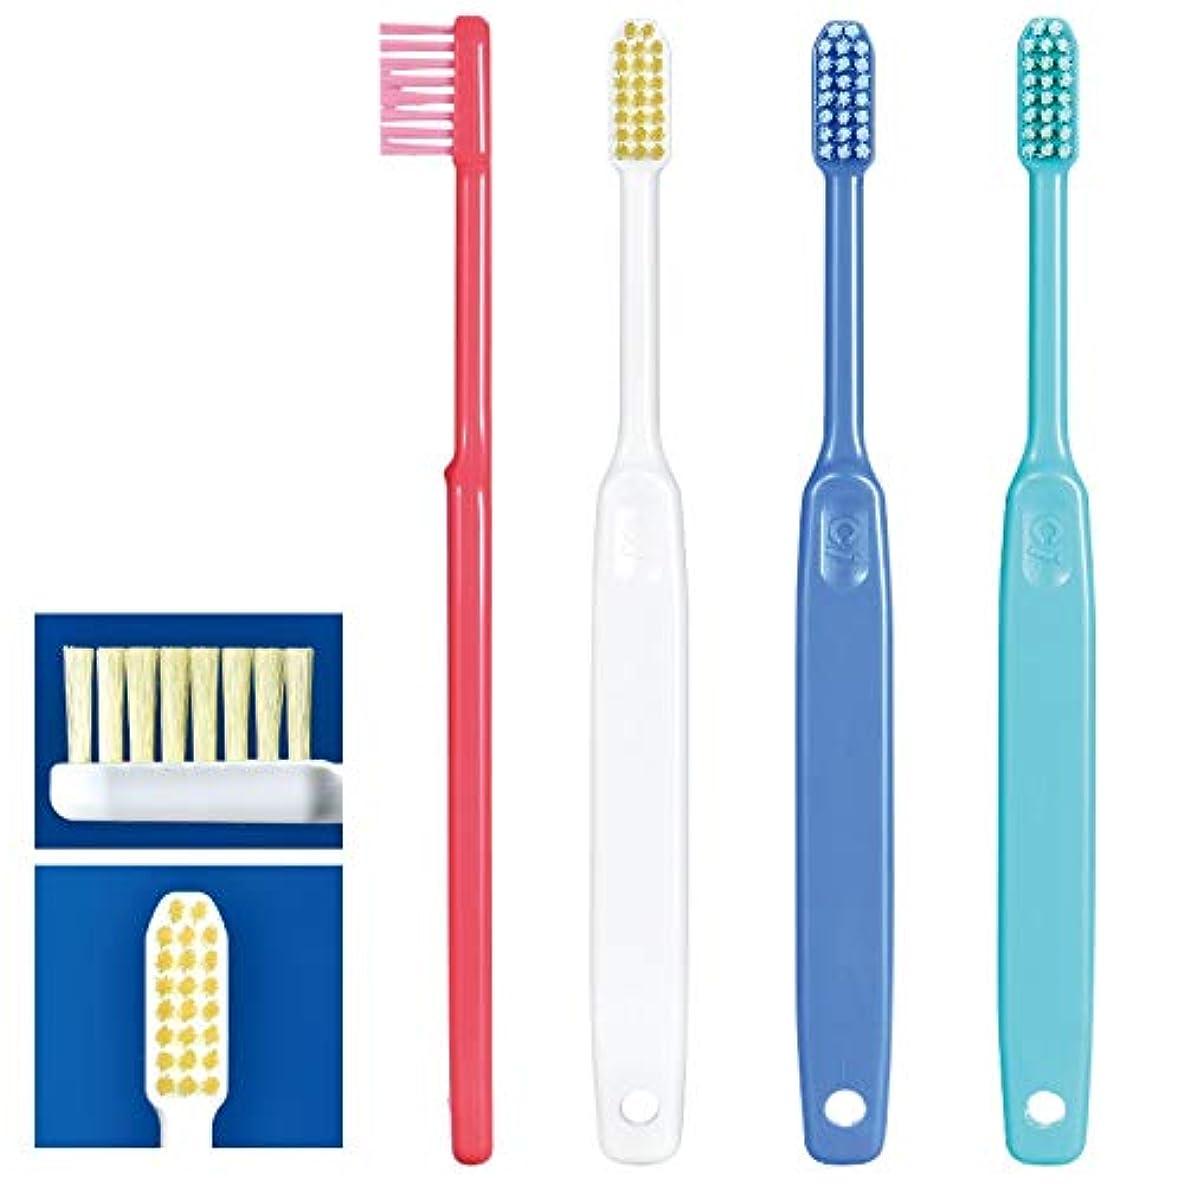 意気消沈した絵暗殺するCi20カラー歯ブラシ 20本 MS(やややわらかめ) 日本製 カラー毛 高密度植毛 歯科専売品